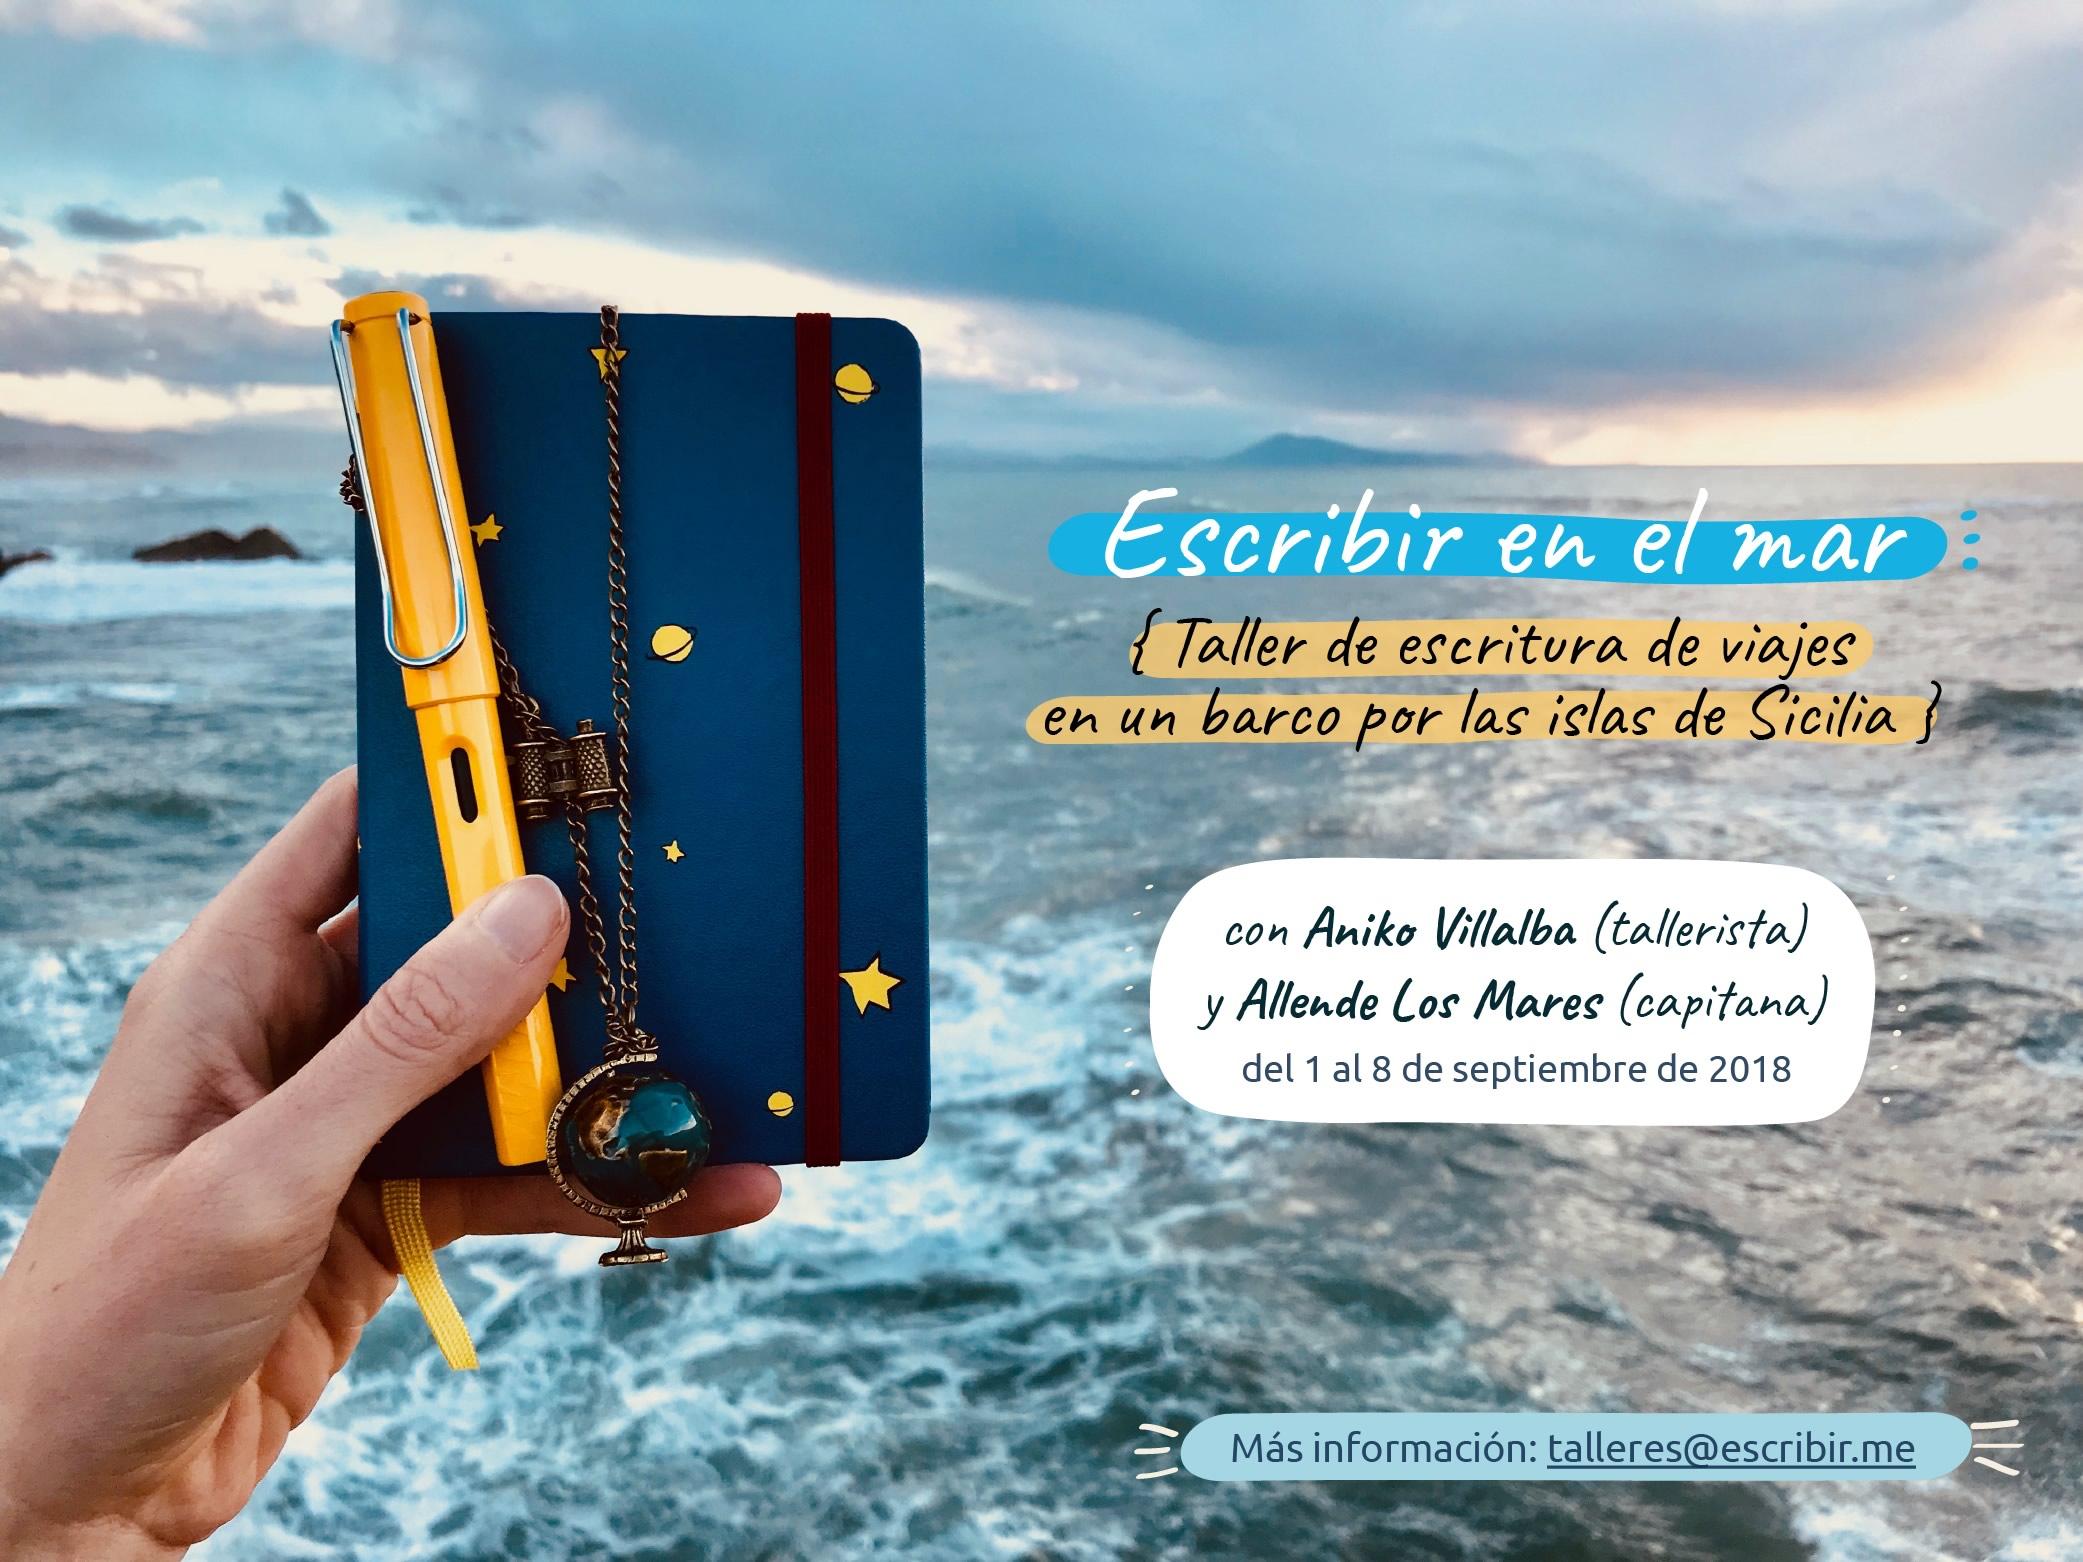 Aniko Villalba Taller escritura en catamarán&Allende los mares